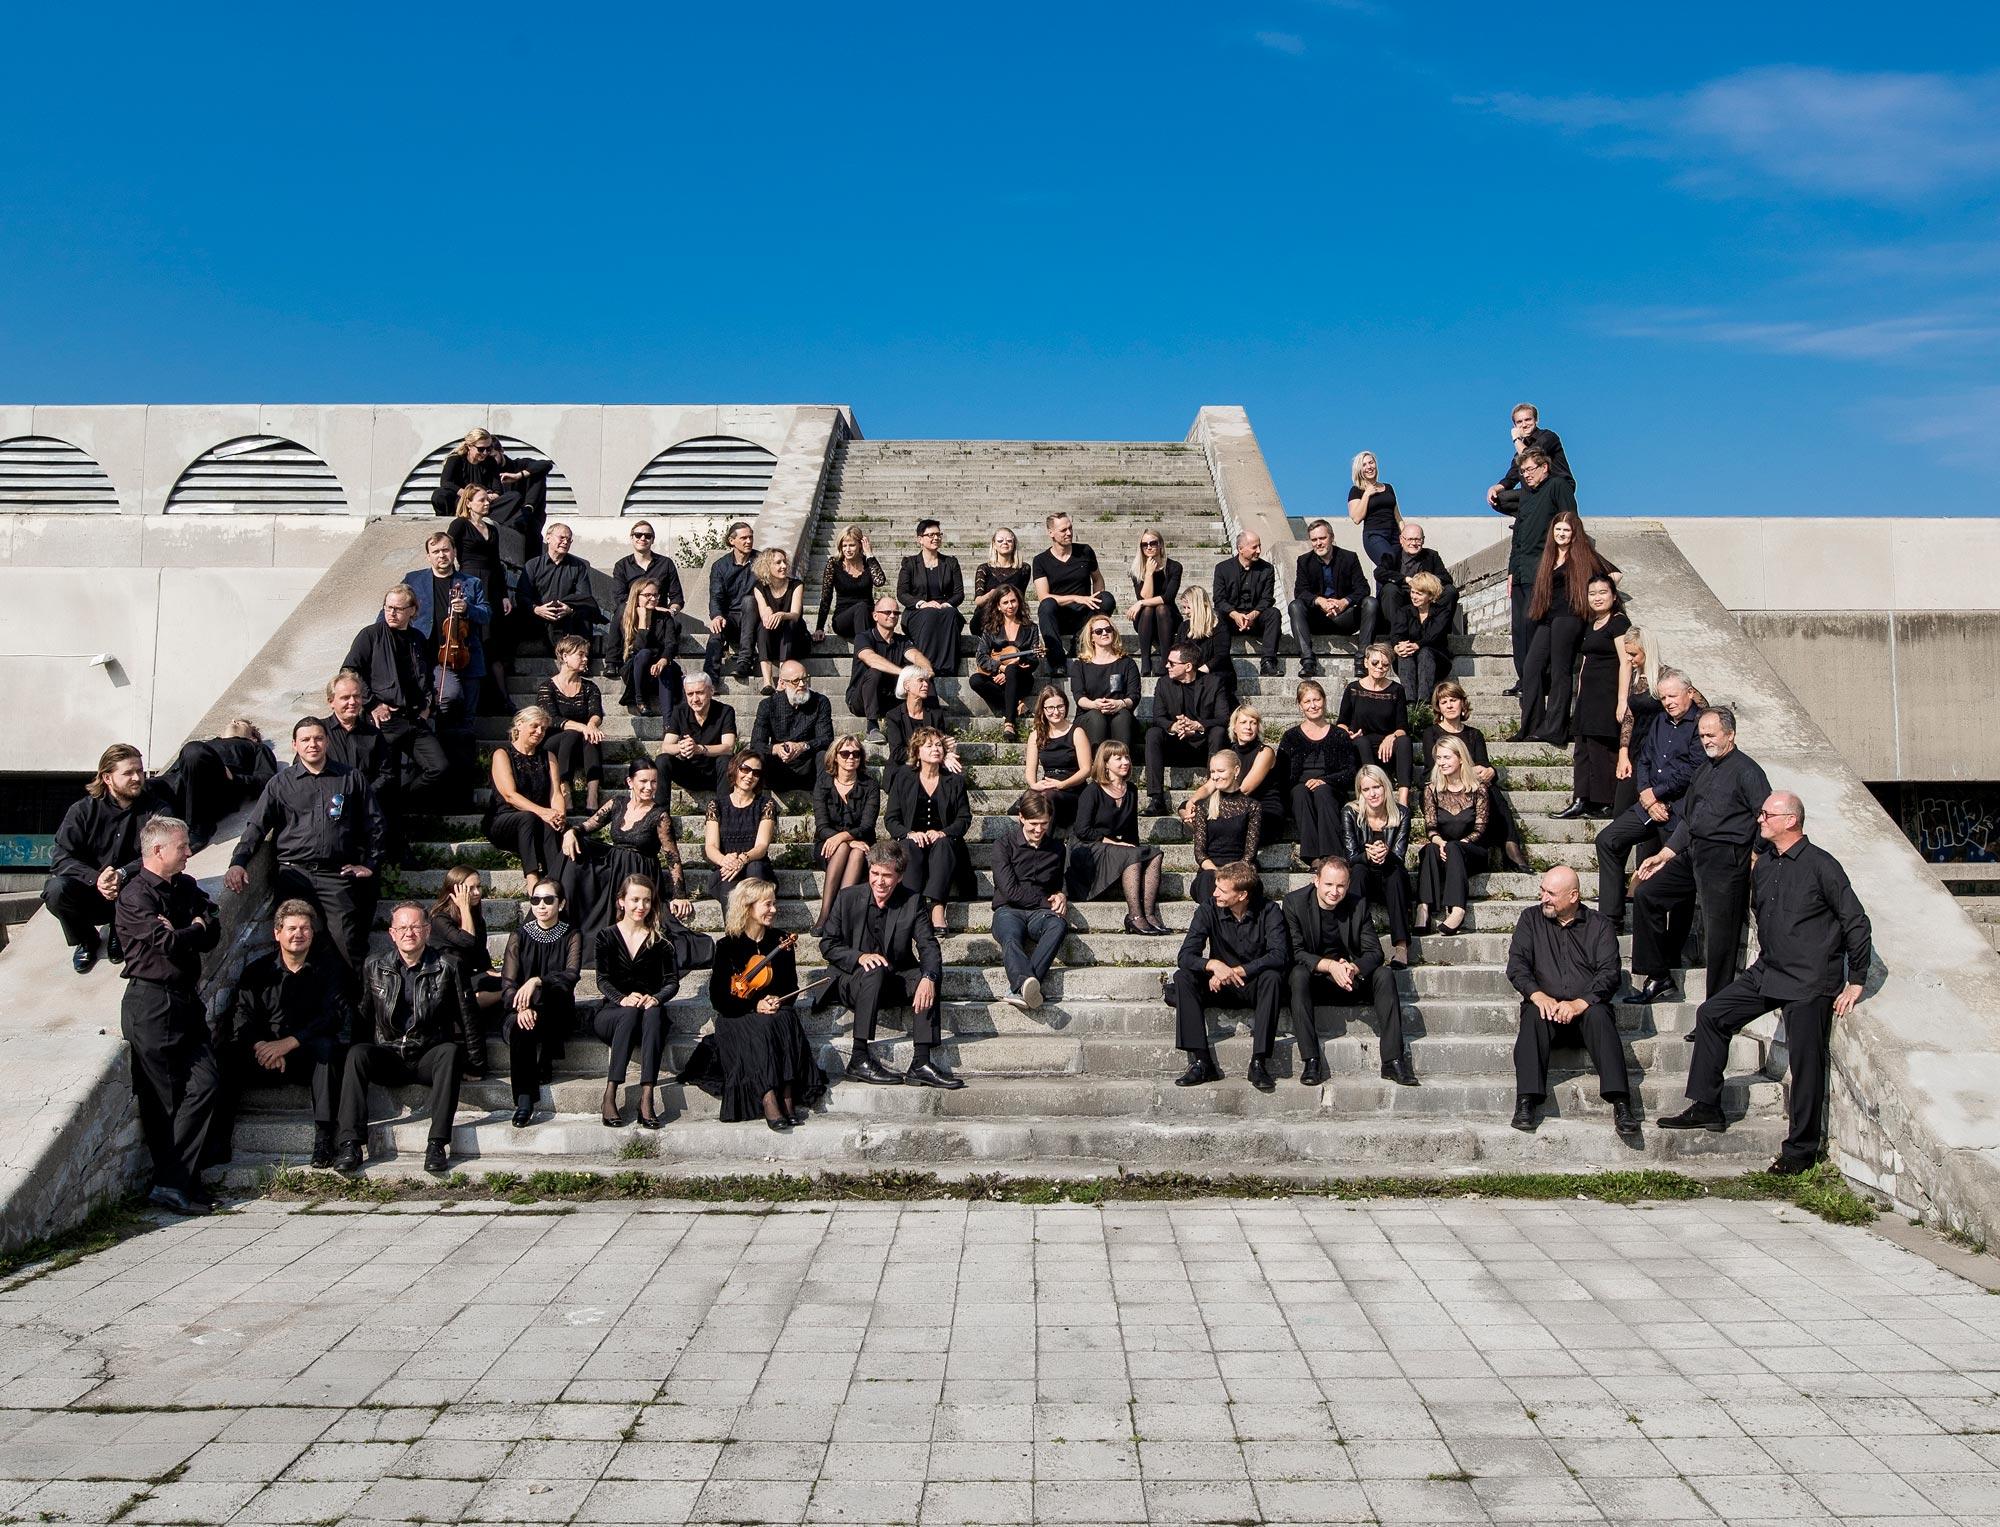 ERSO muusikud annavad nädala jooksul erinevate koosseisudega 100 kontserti üle Eesti